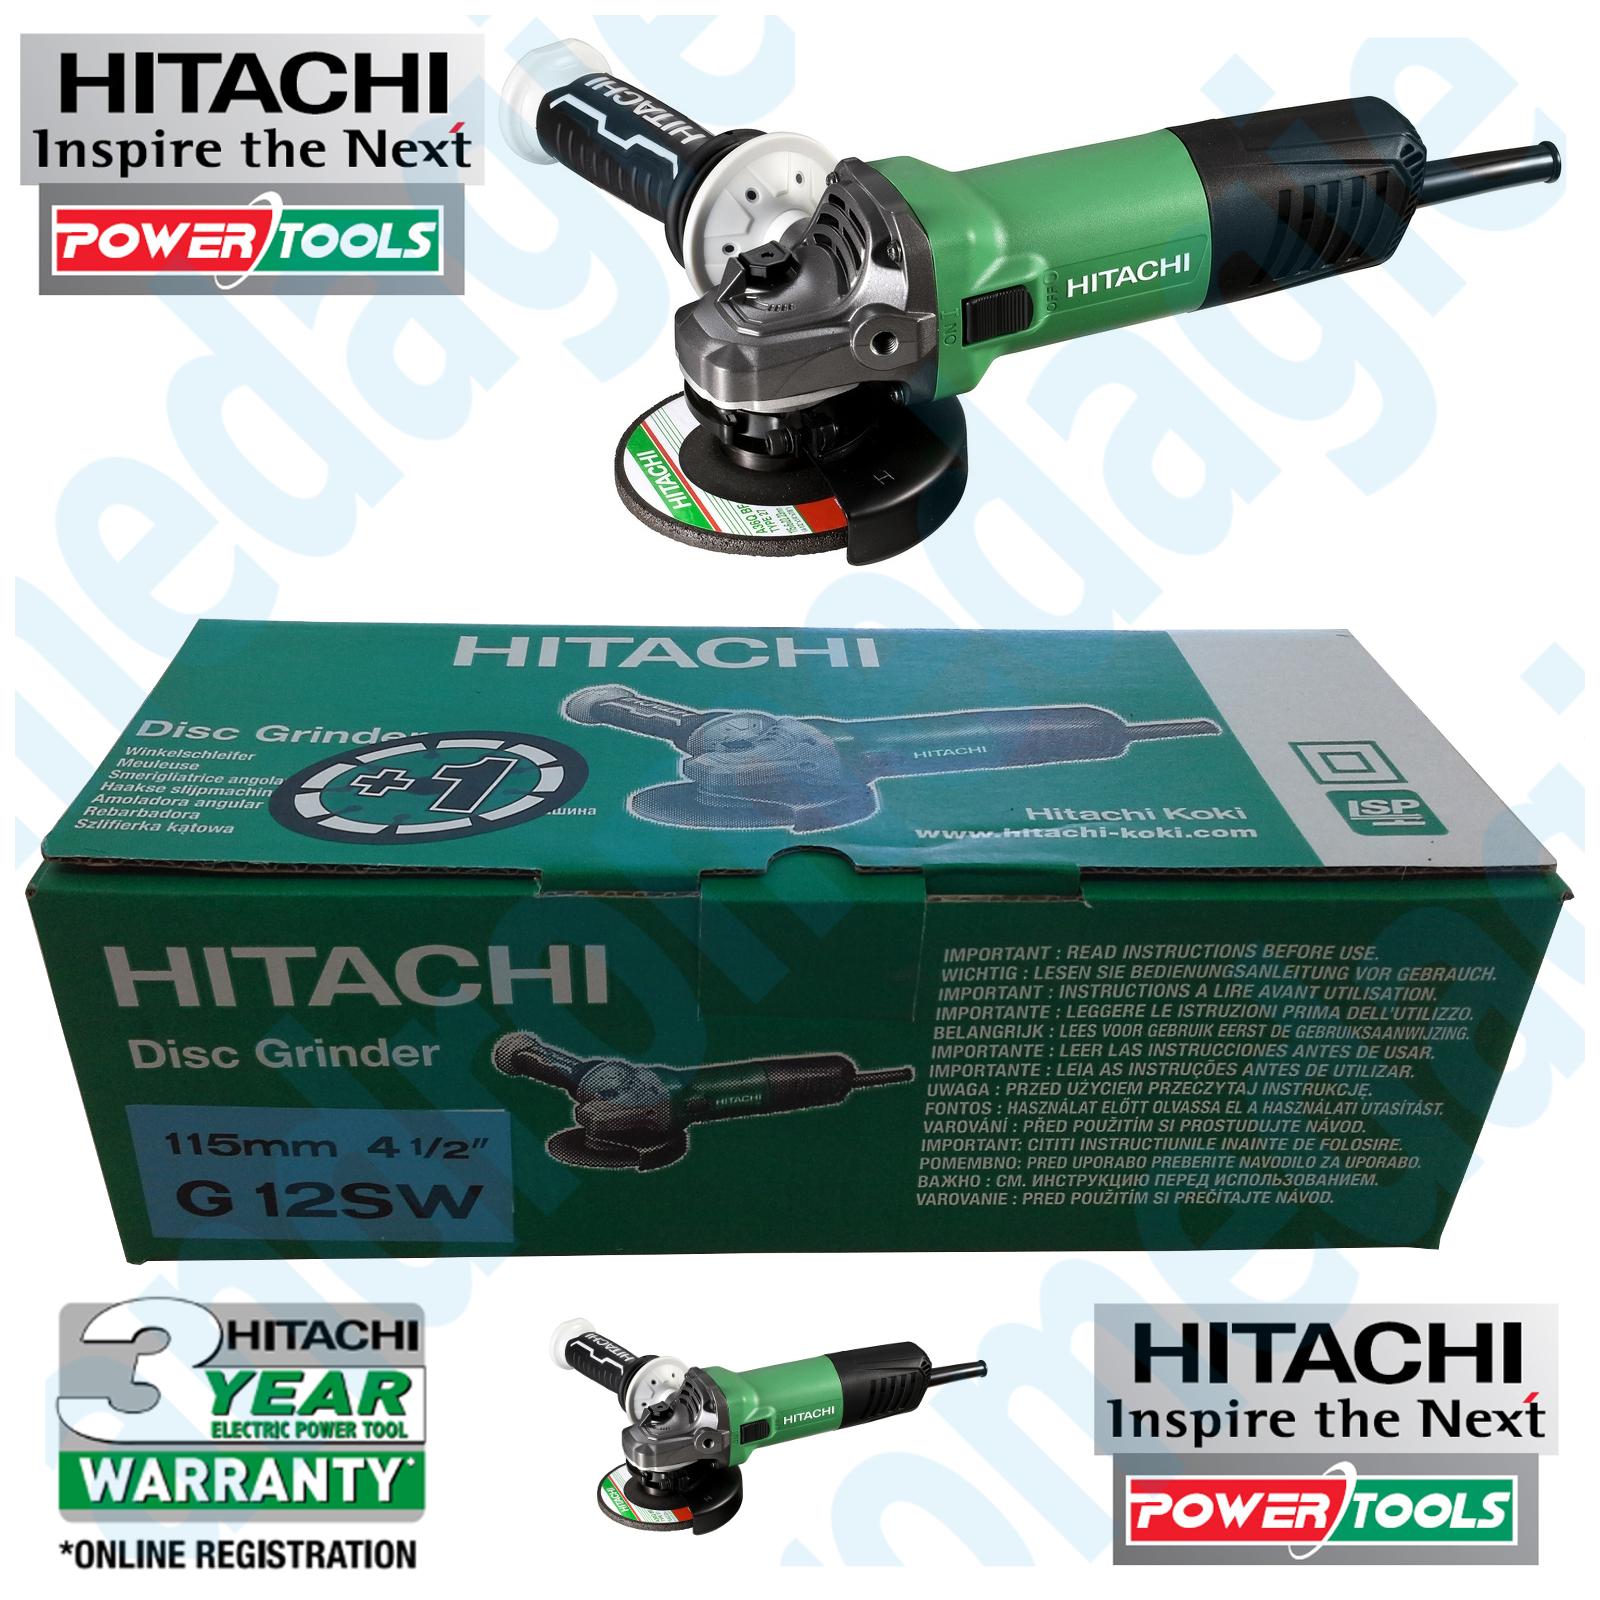 HITACHI G12SW+DISCO